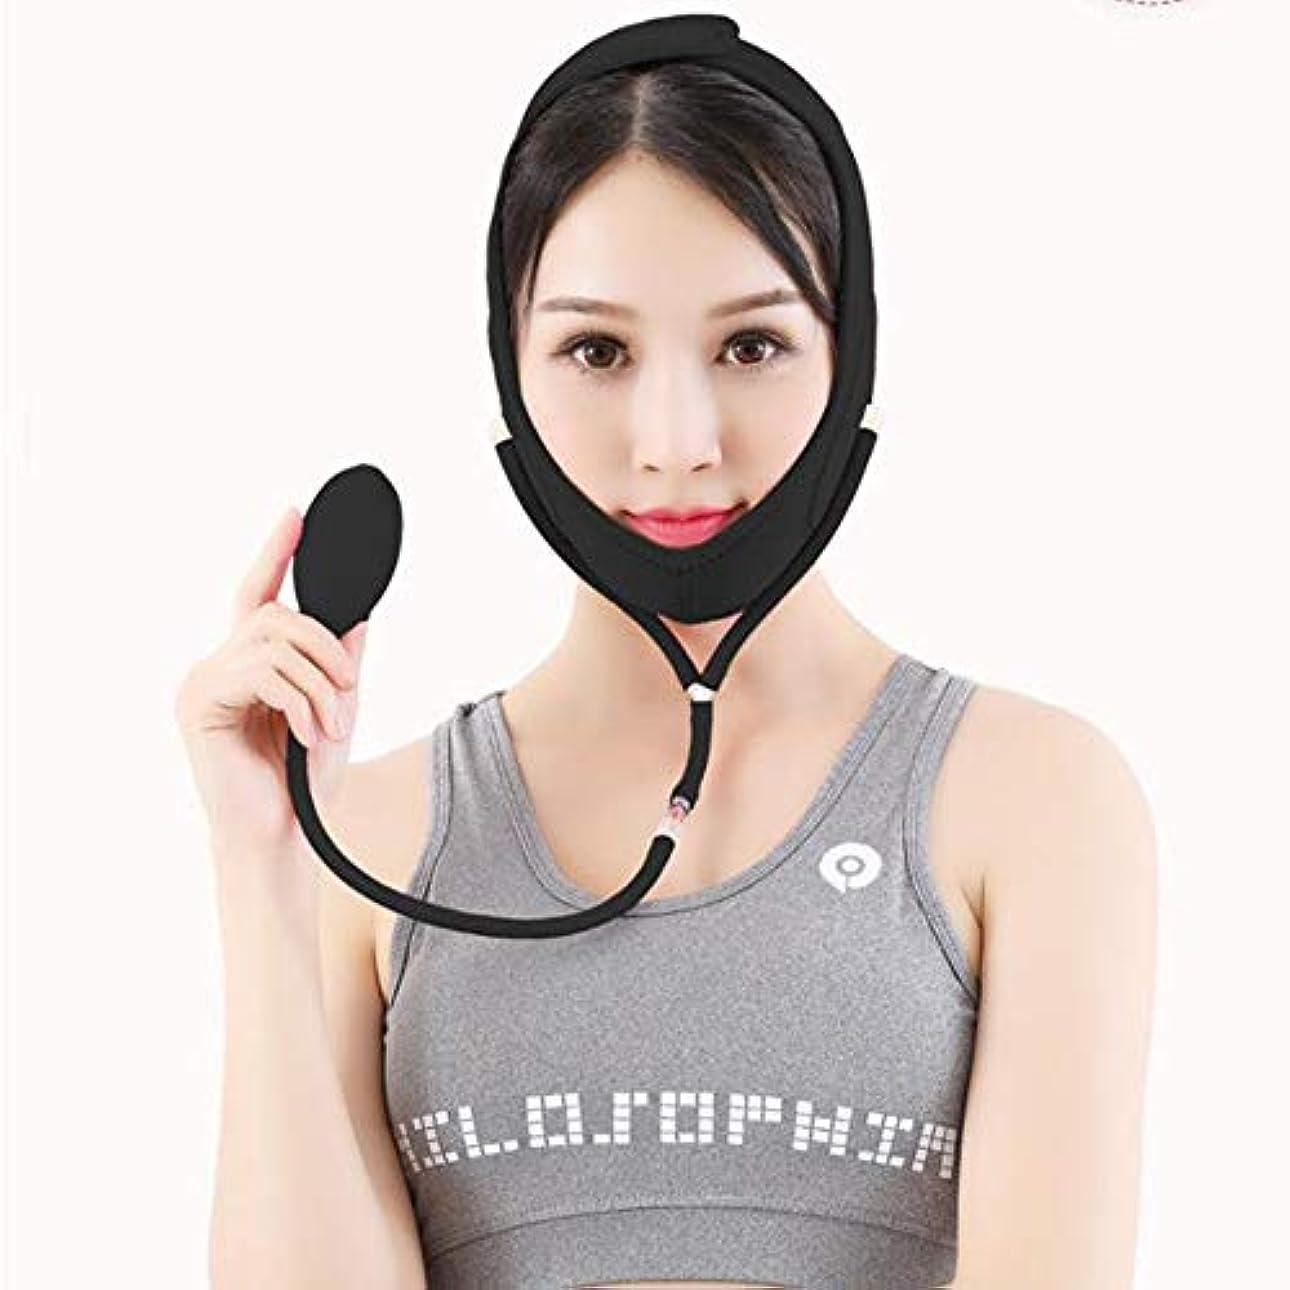 幽霊見つけたレビュアーGYZ フェイシャルリフティング痩身ベルトダブルエアバッグ圧力調整フェイス包帯マスク整形マスクが顔を引き締める Thin Face Belt (Color : Black, Size : M)